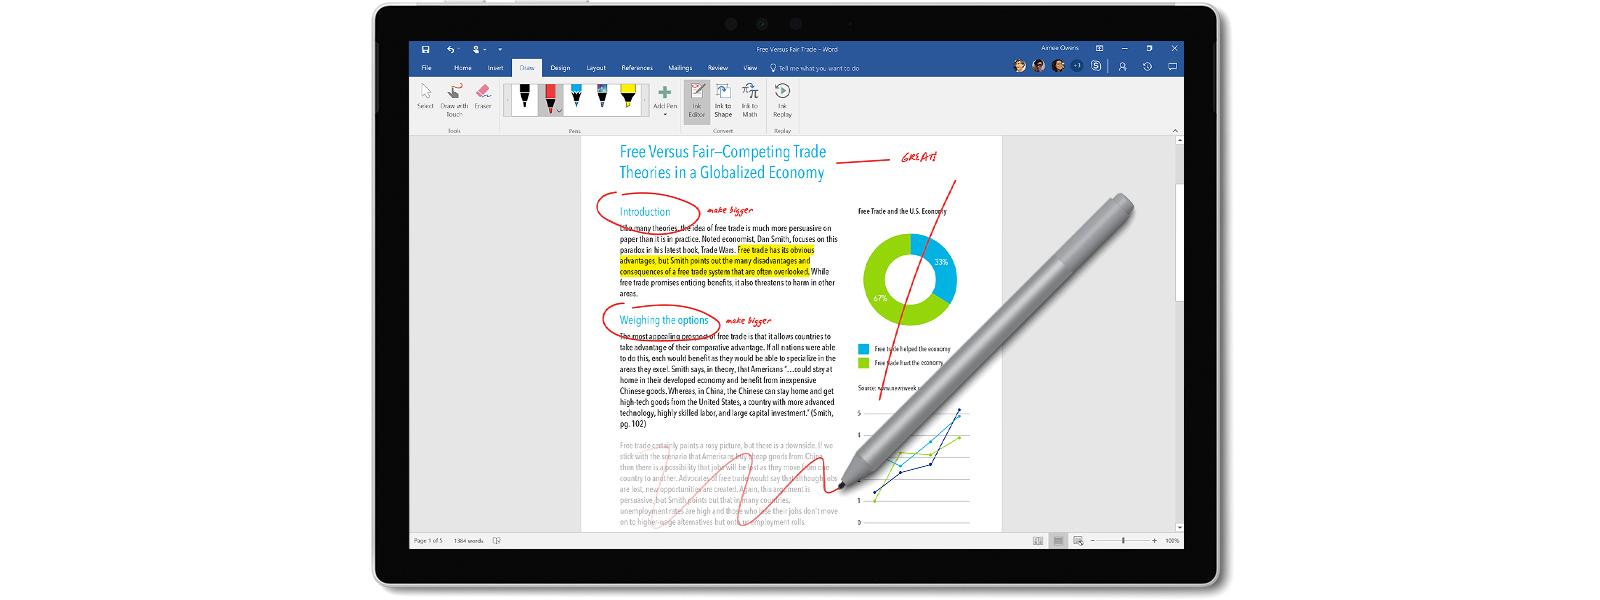 لقطة شاشة لقلم Surface Pen يحرر صفحة، حيث إدخال تعليقات والتمييز وتوسيط خطوط ووضع دائرة على نص محدد.